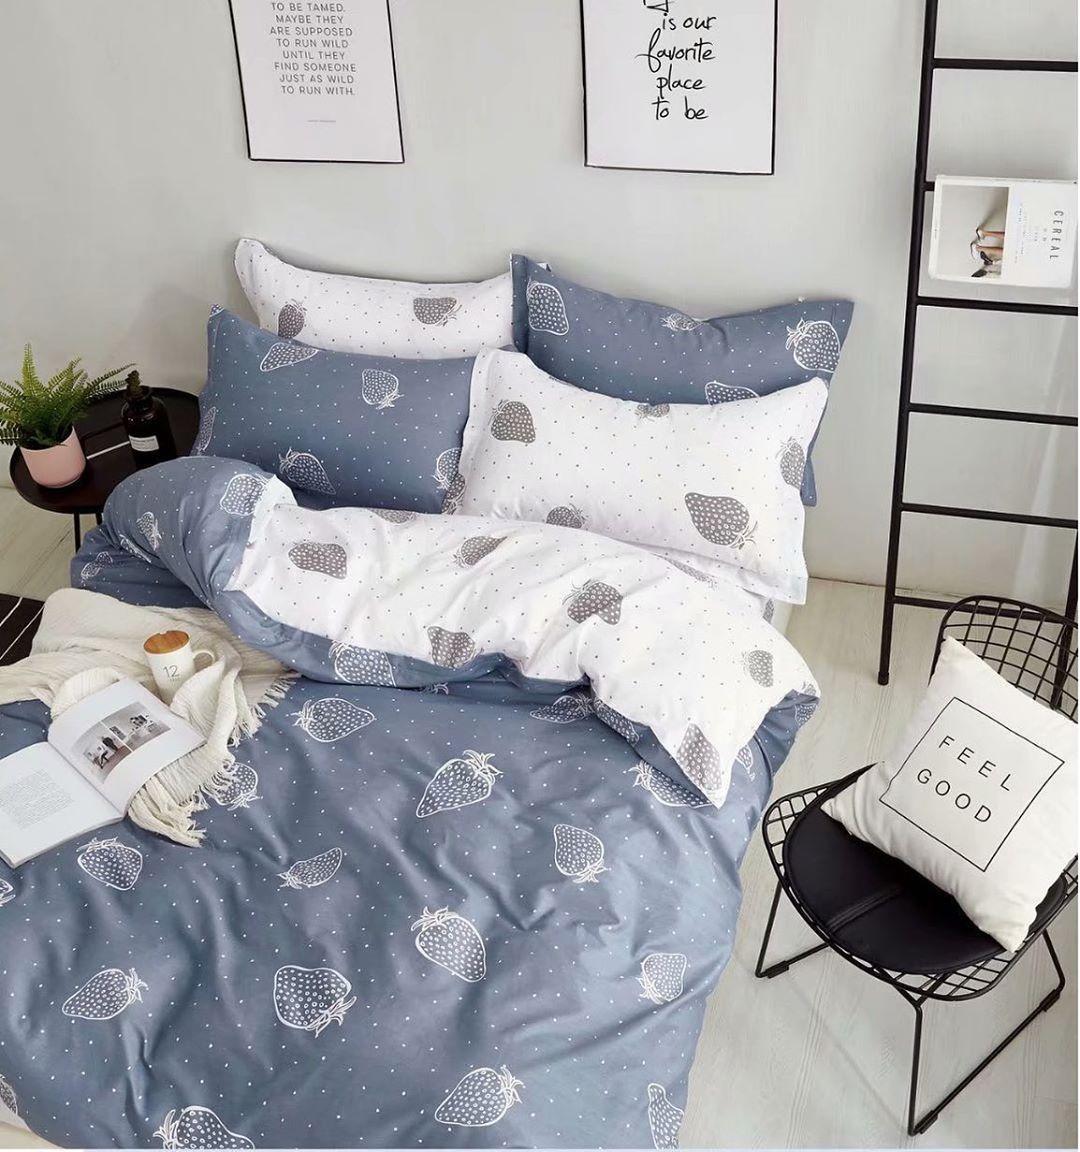 Комплект постельного белья GOLD сатин, размер двуспальный, 175/200 см